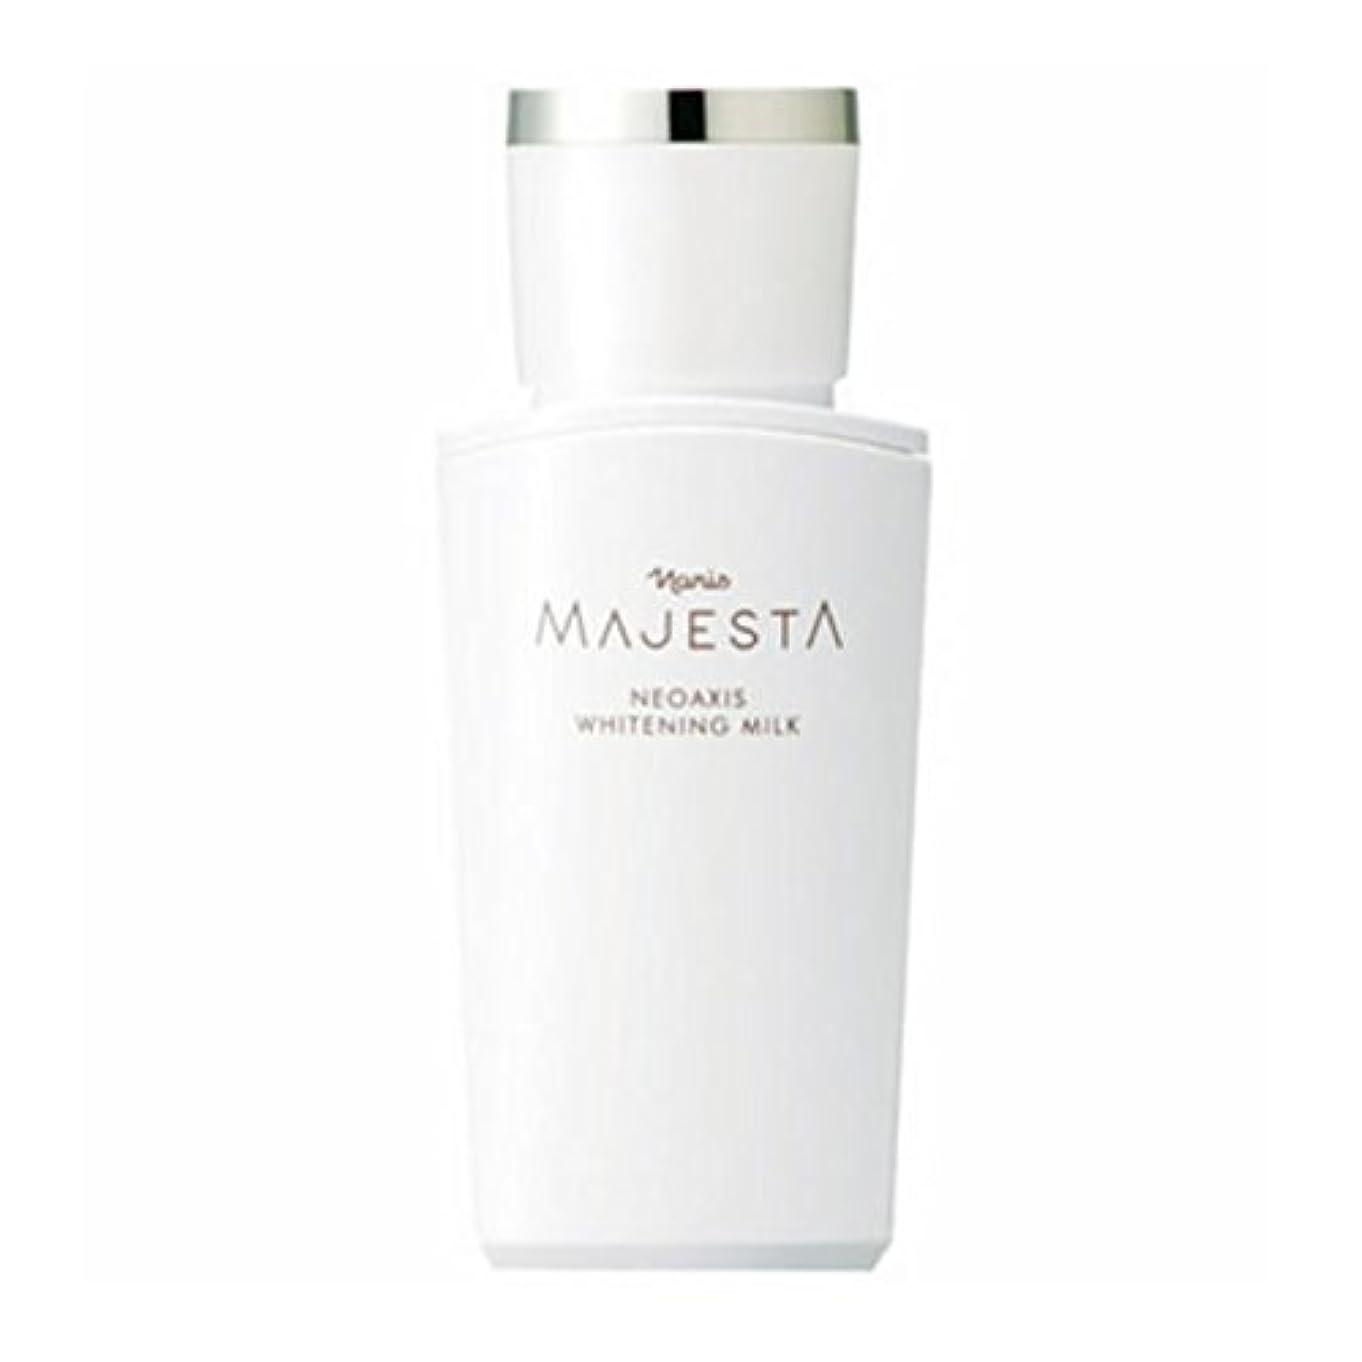 暴力的な信頼できる腹痛ナリス化粧品 マジェスタ ネオアクシス ホワイトニング ミルク (薬用 美白乳液) 80ml